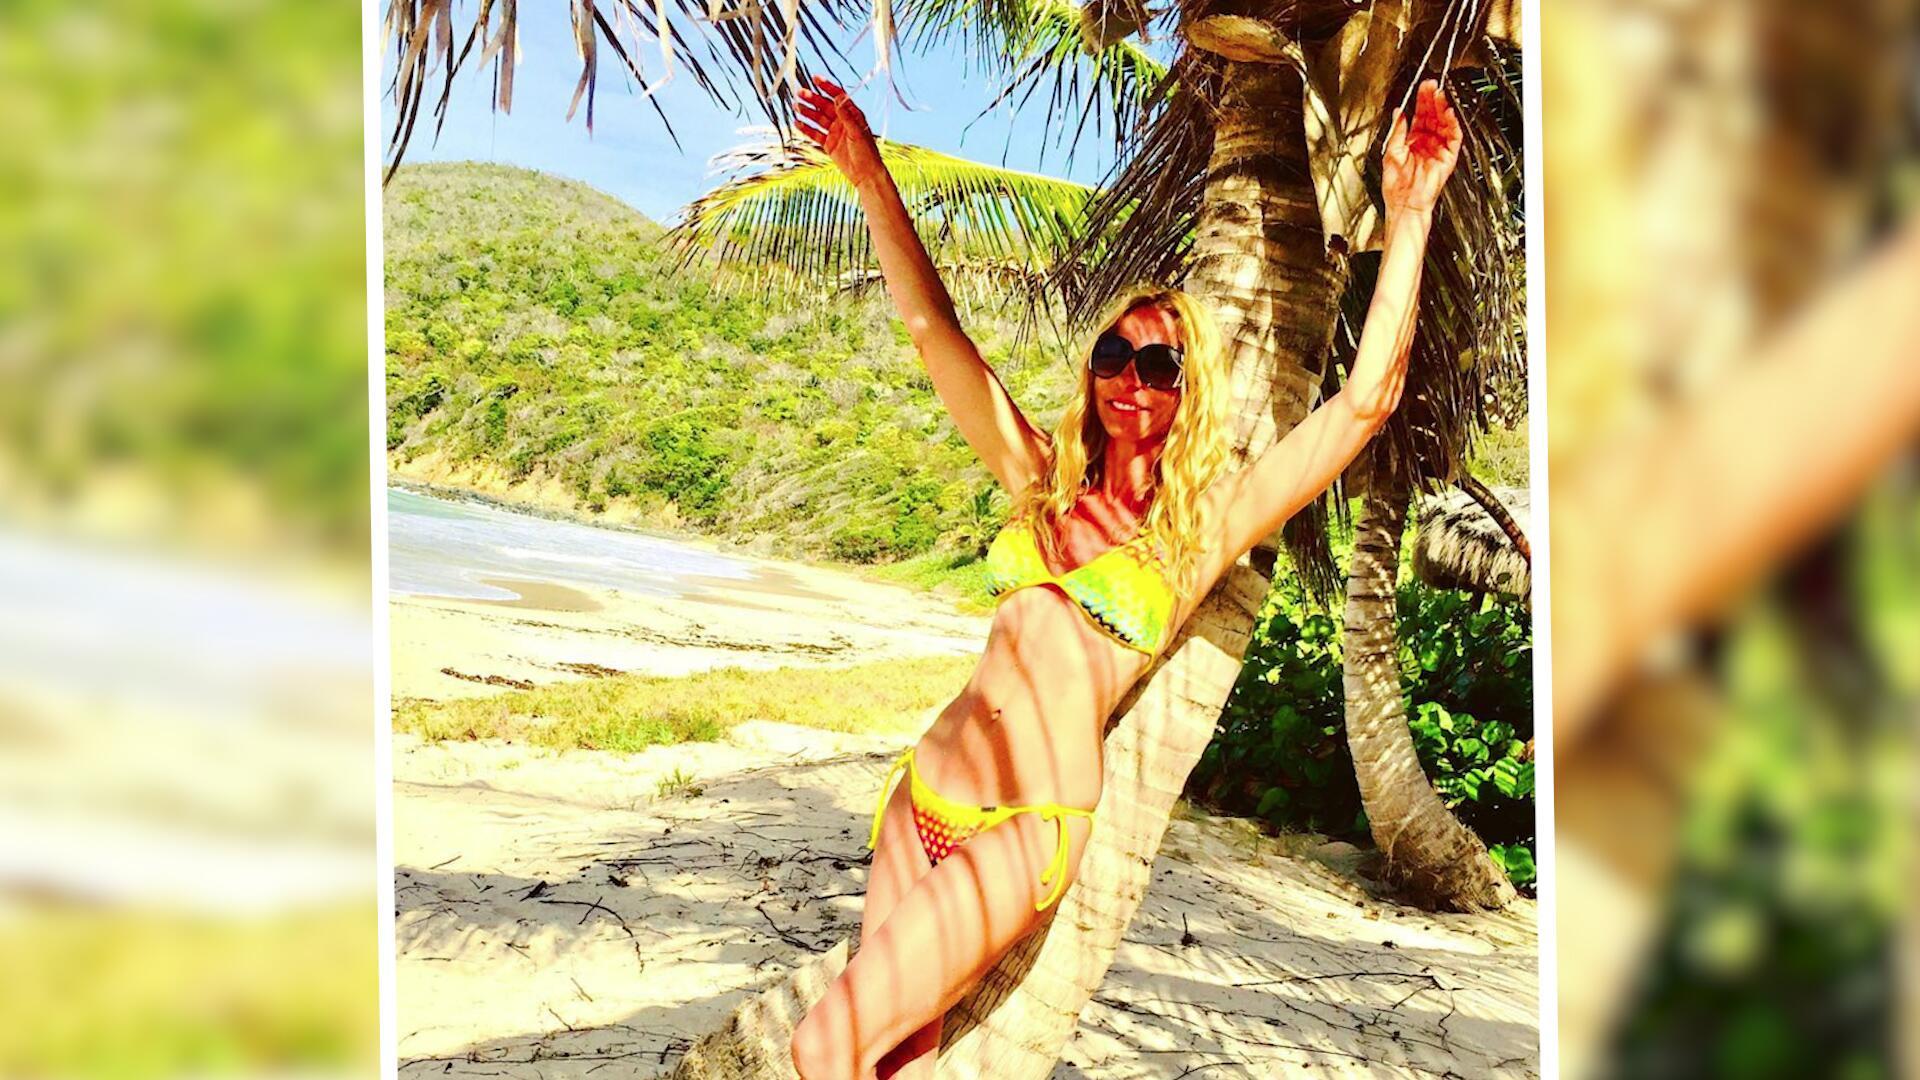 Bild zu Sonya Kraus heizt Fans im Bikini ein